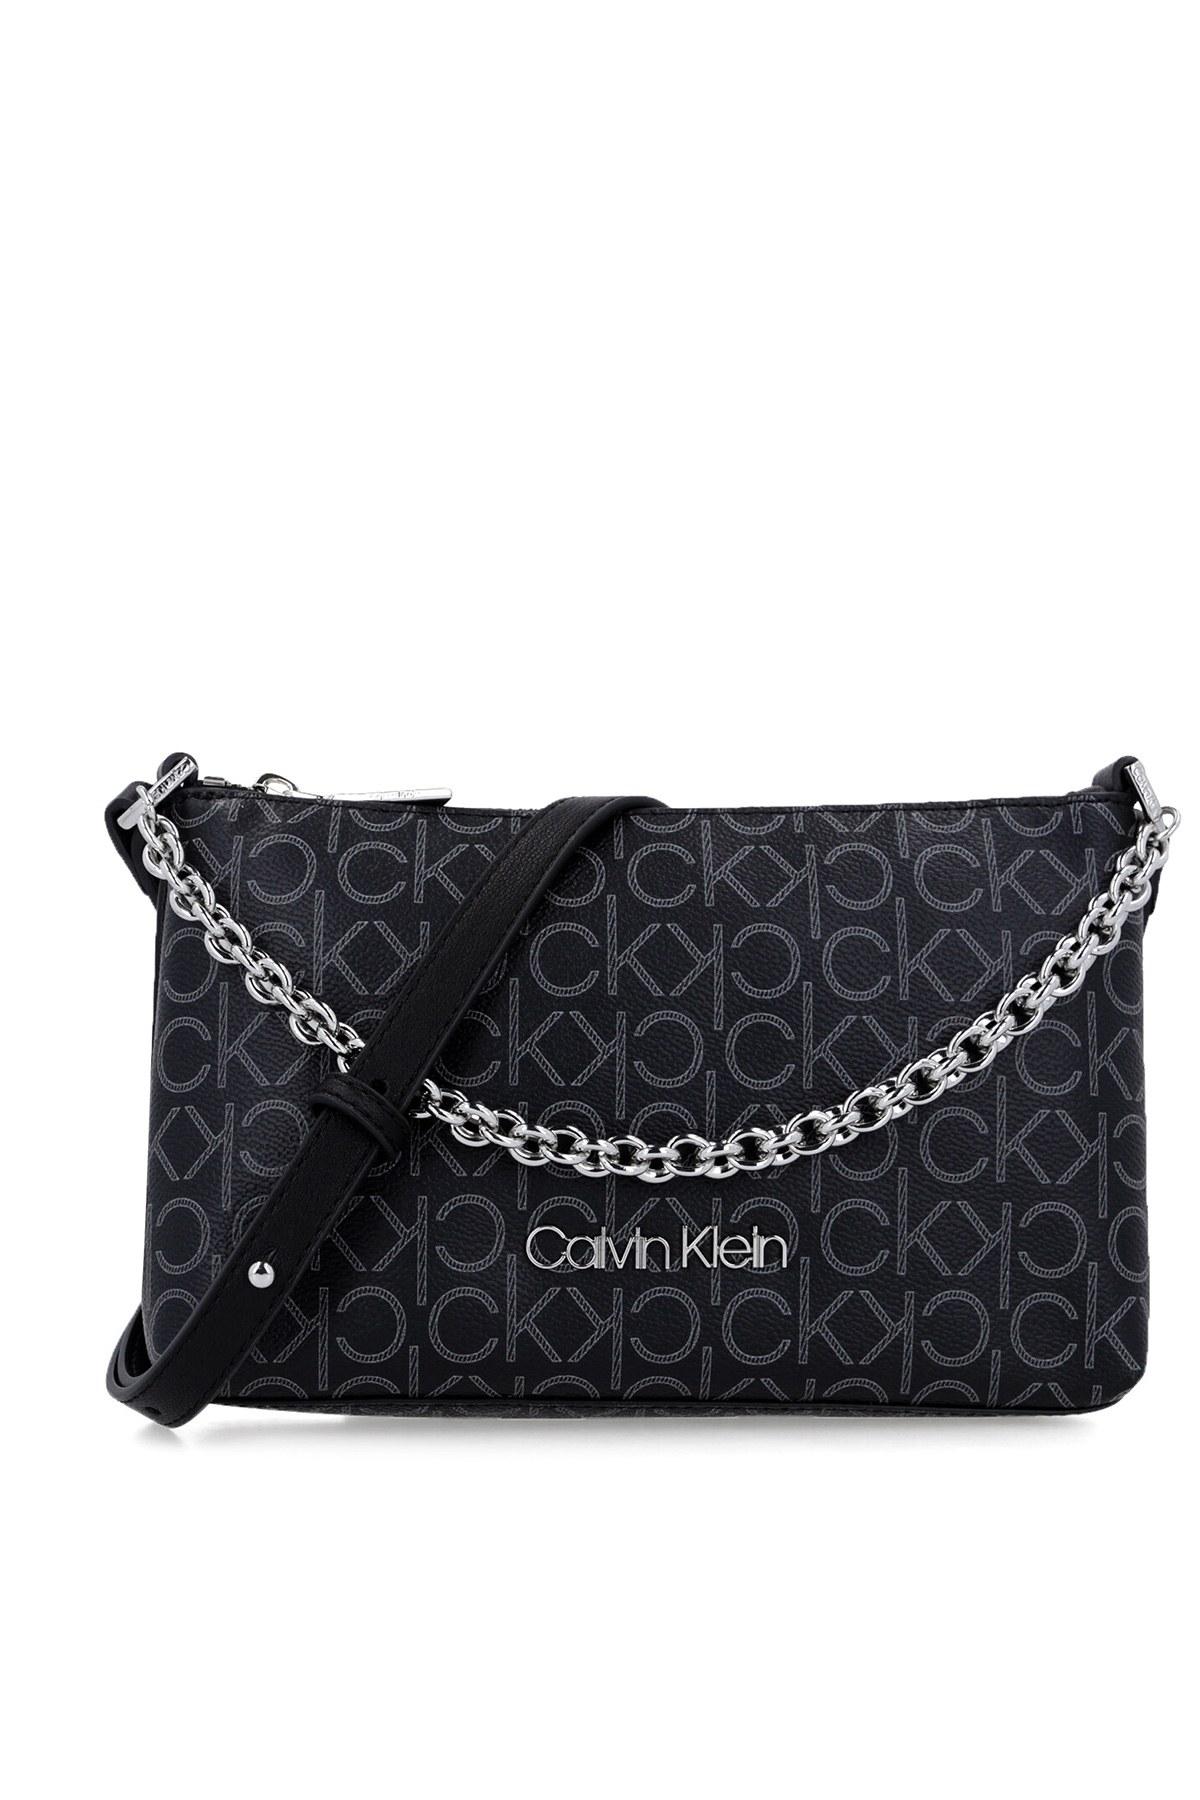 Calvin Klein Logo Baskılı Zincir Detaylı Kadın Çanta K60K607134 0GX SİYAH